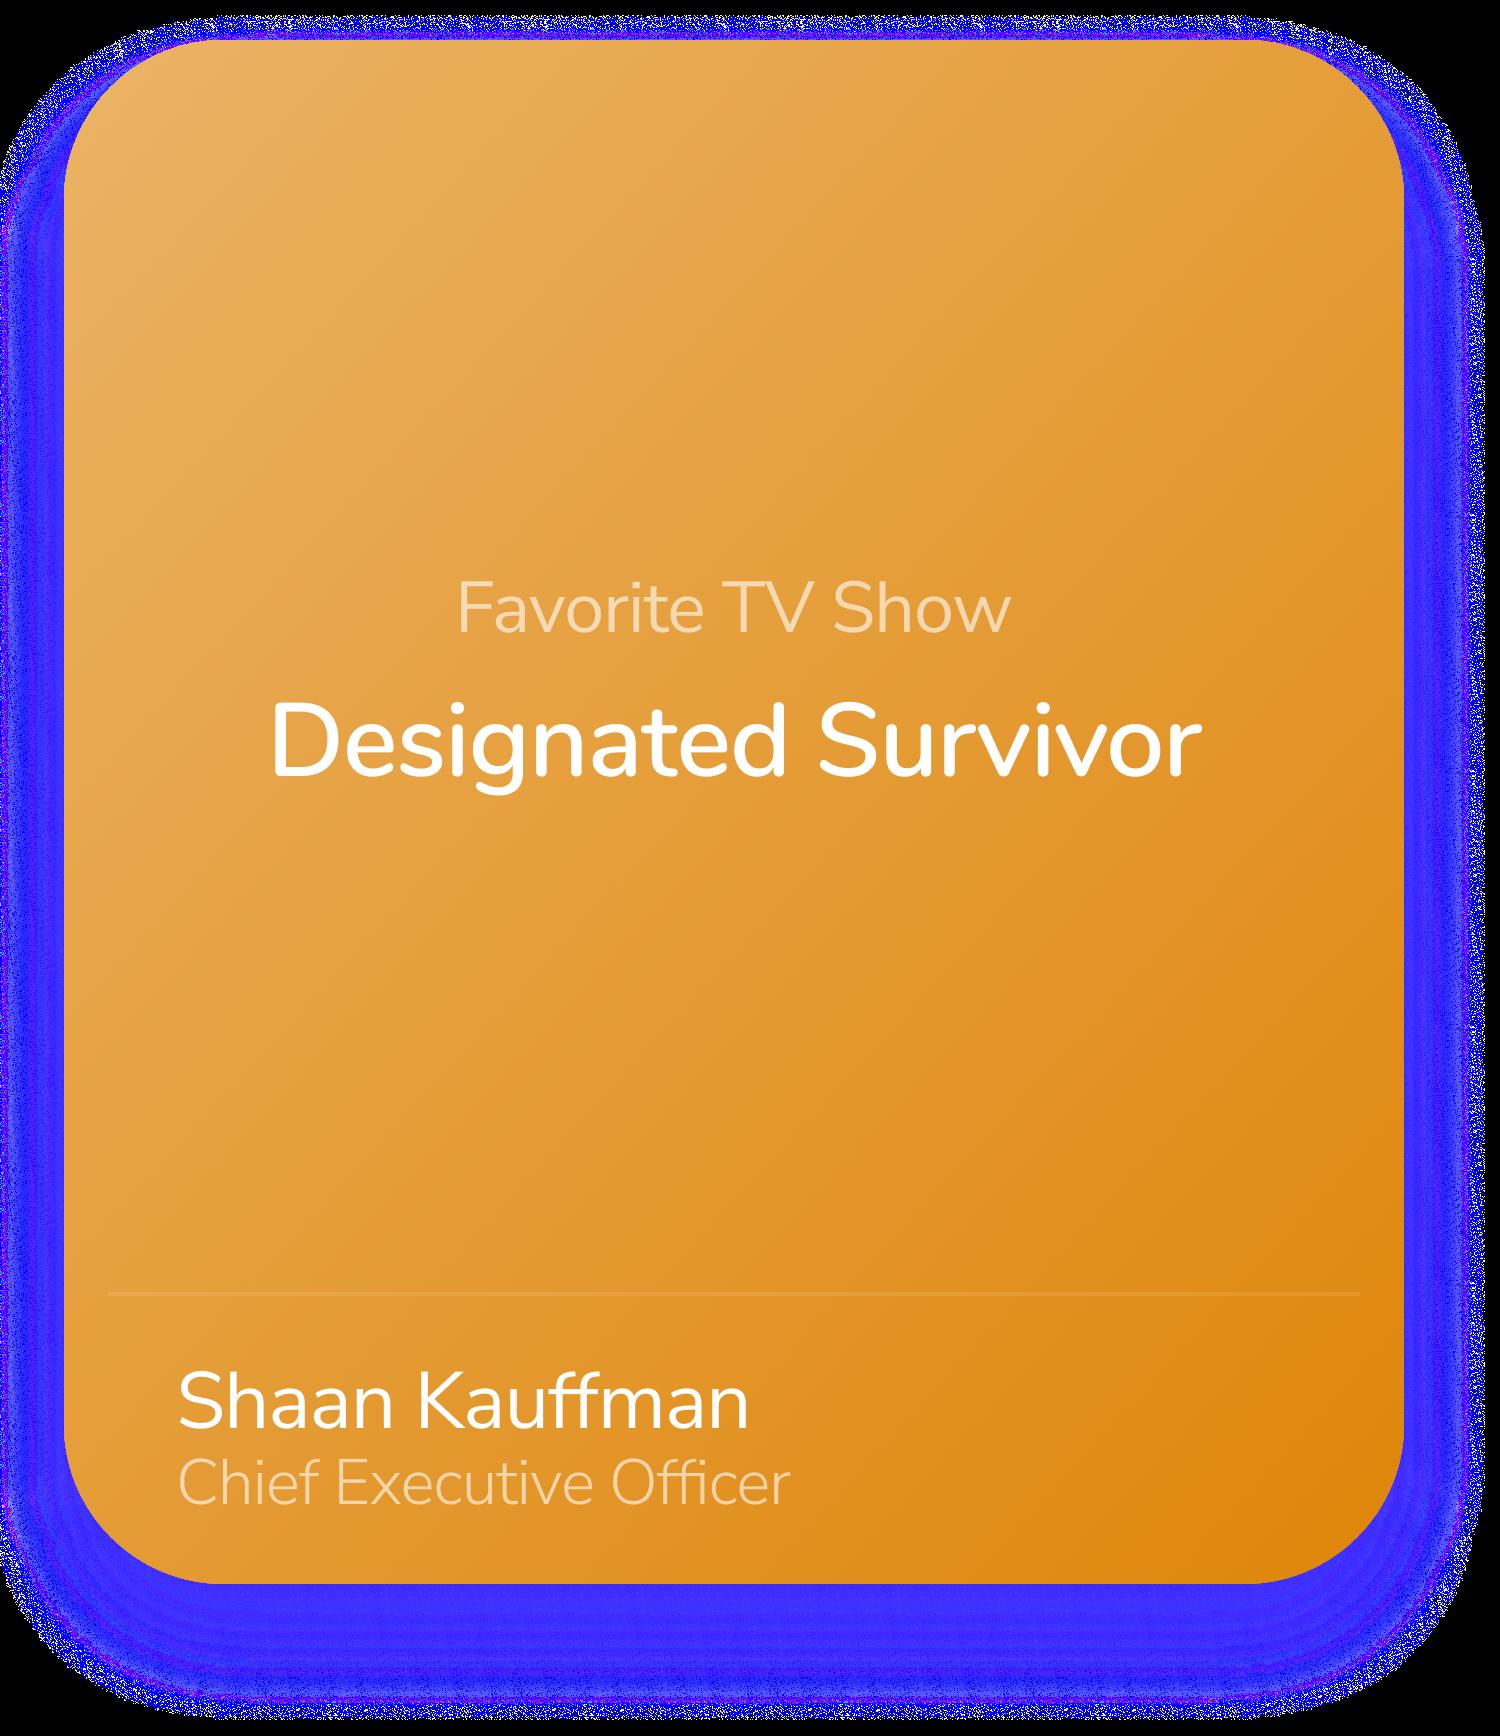 Shaan Kauffman CEO